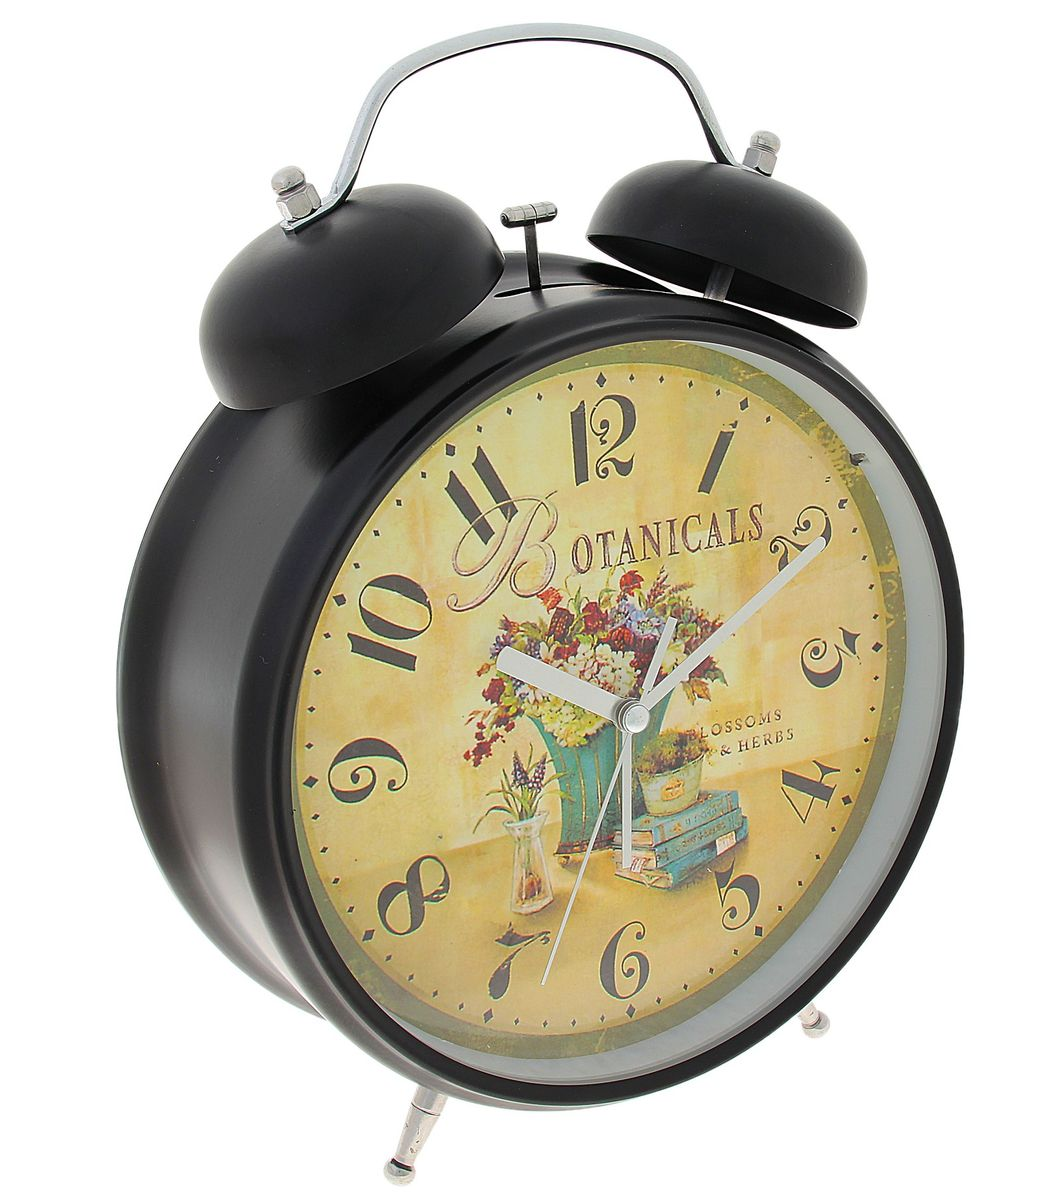 Часы-будильник Sima-land  Botanicals , цвет: черный, бежевый, диаметр 20 см - Радиобудильники и проекционные часы